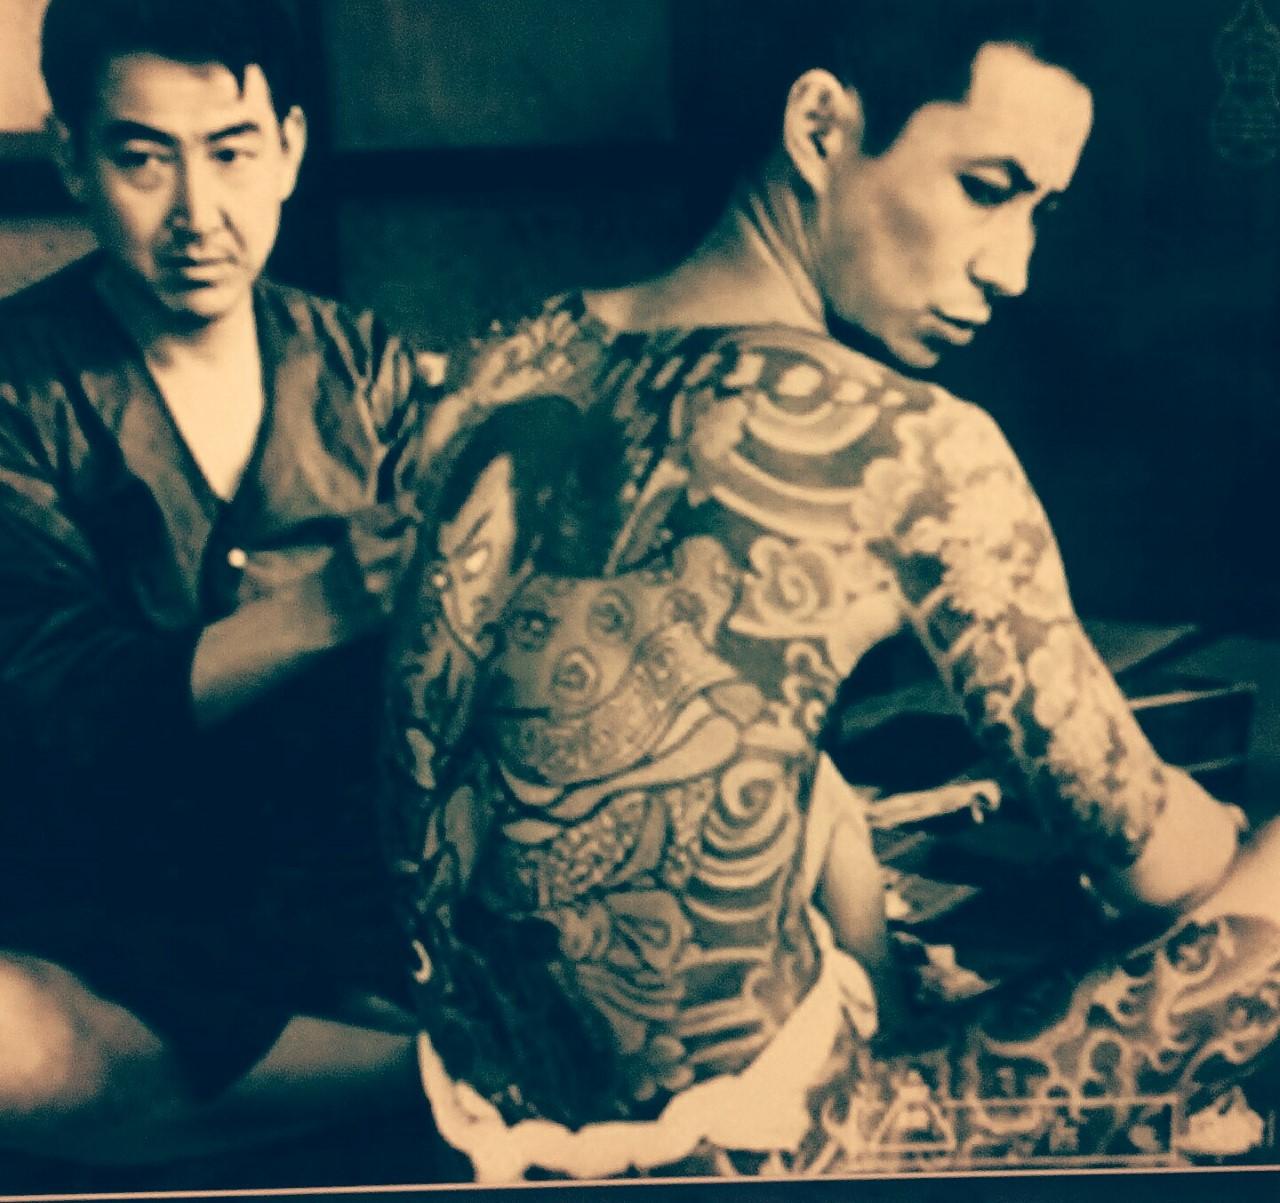 Mafia yakuza tatuandose